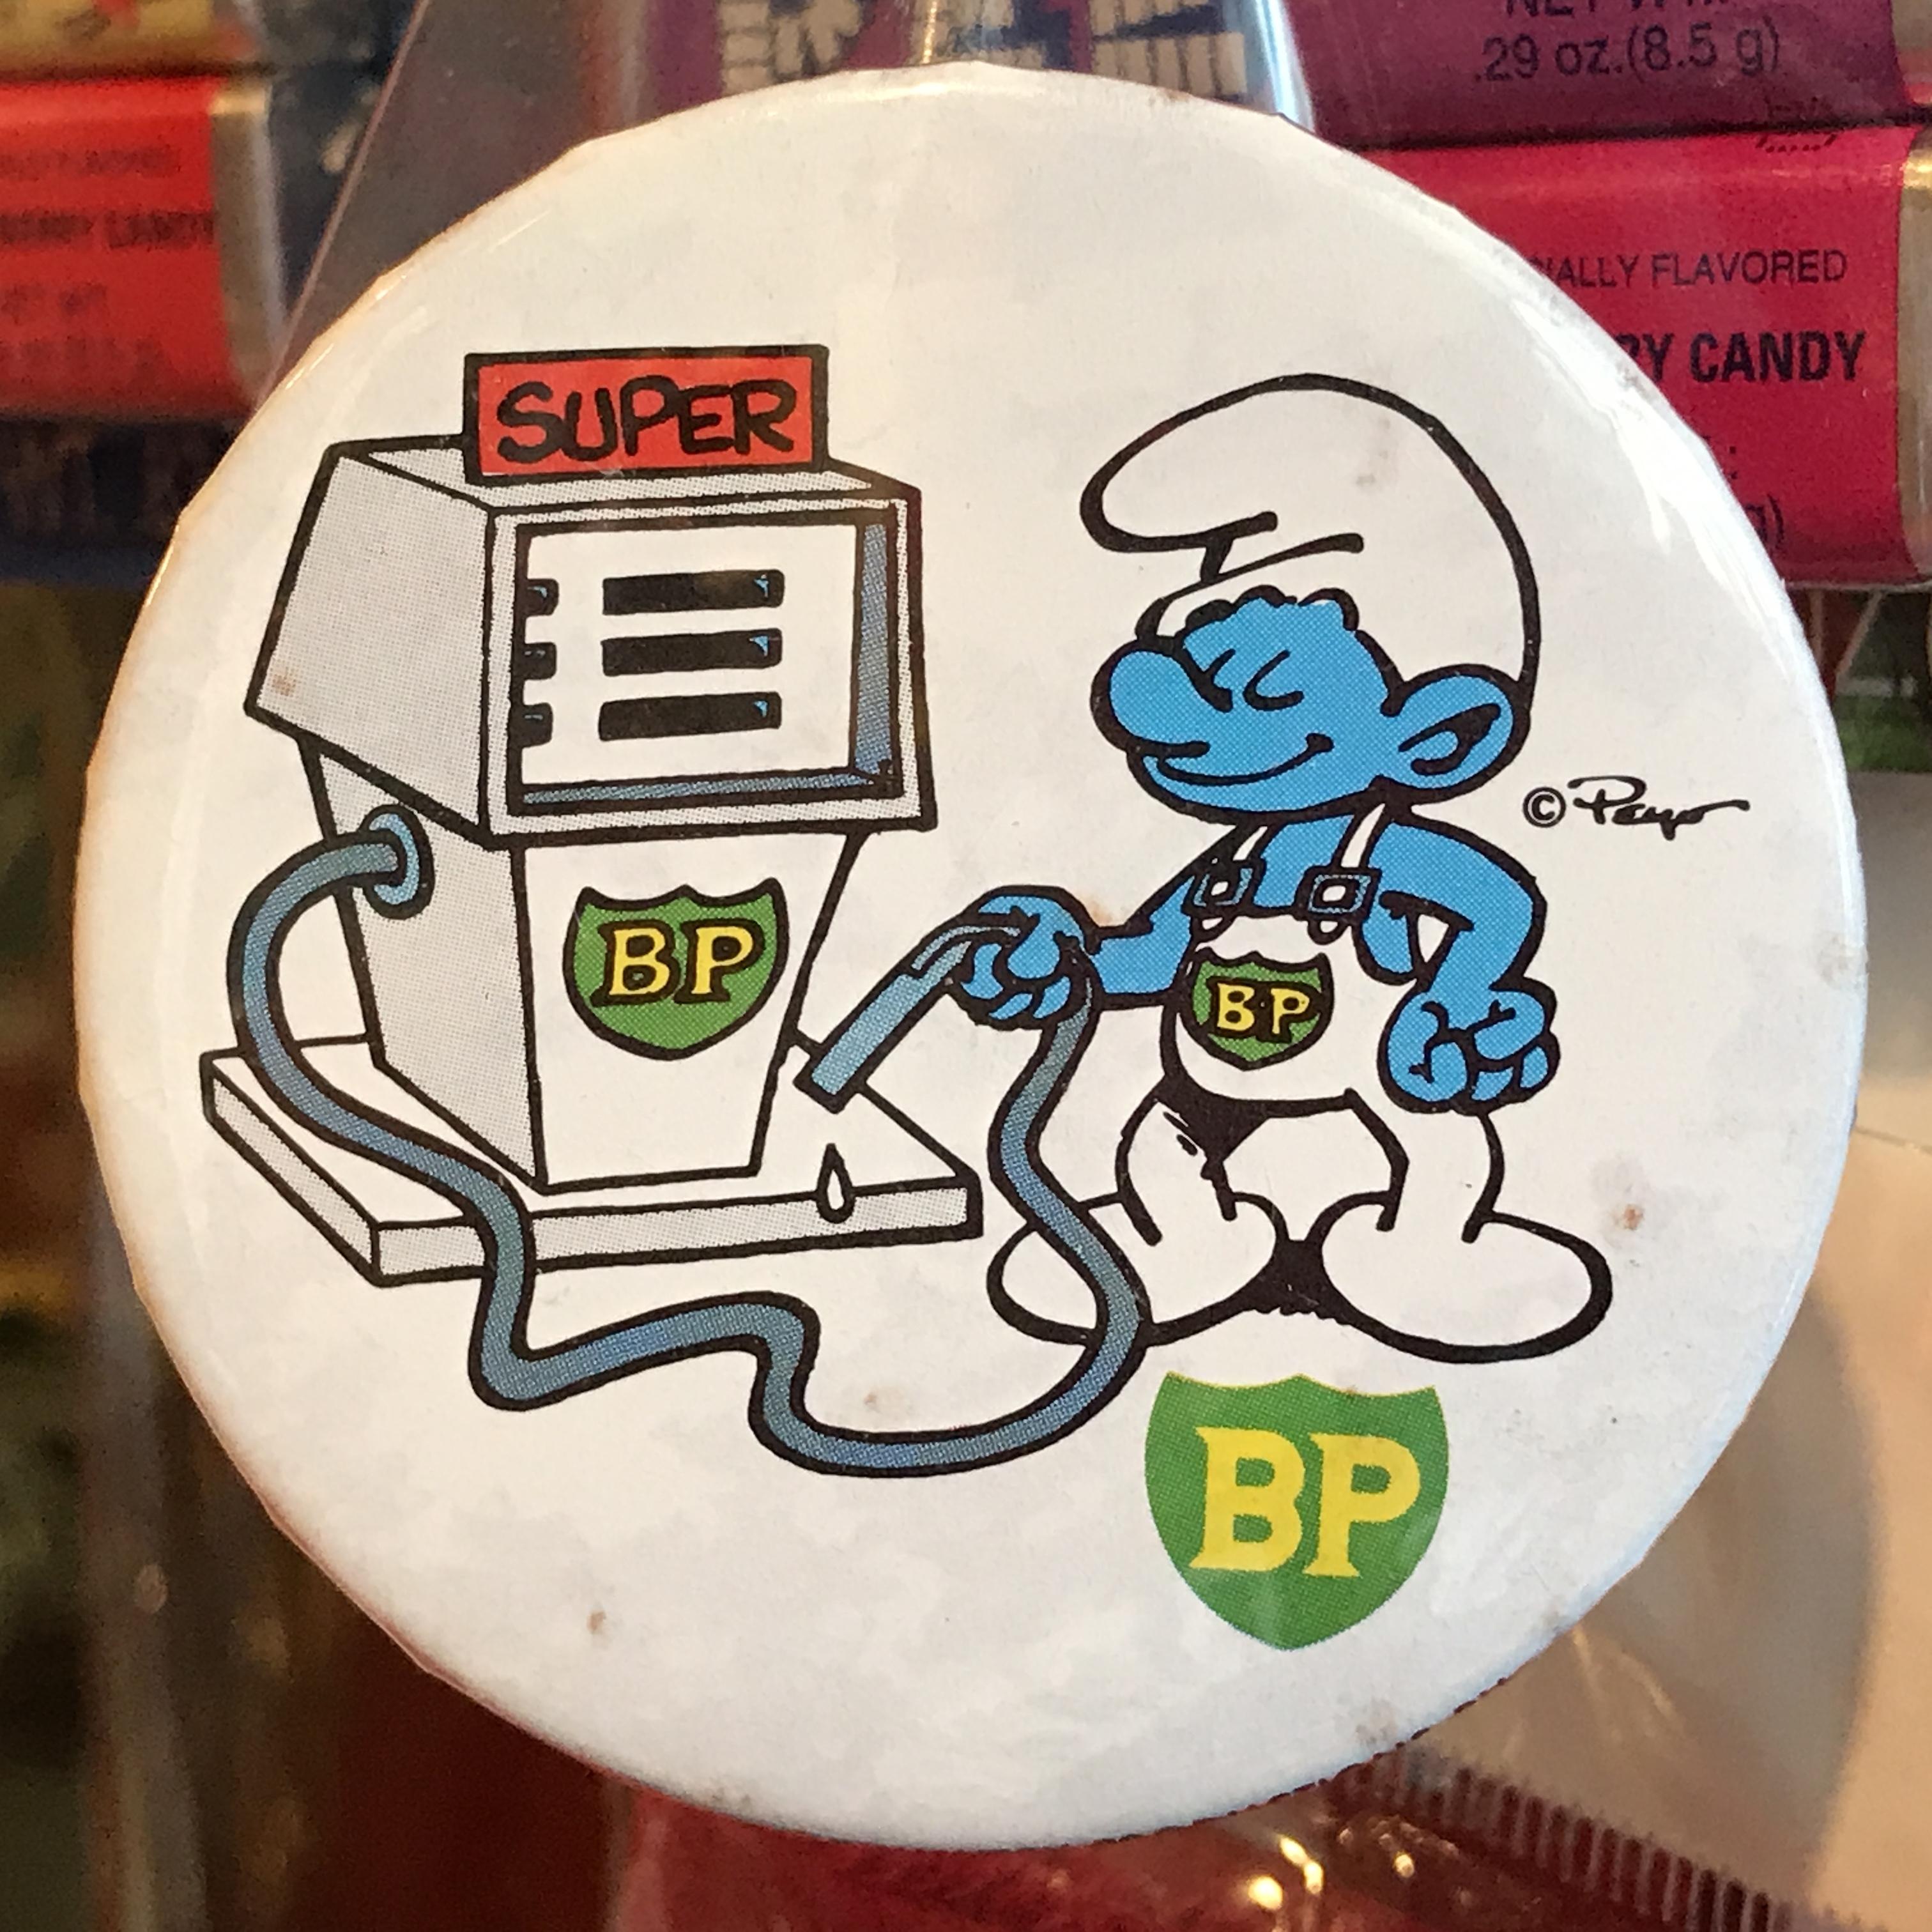 スマーフ 80's BP 企業物 オールド 缶バッジ ガソリンスタンドver.